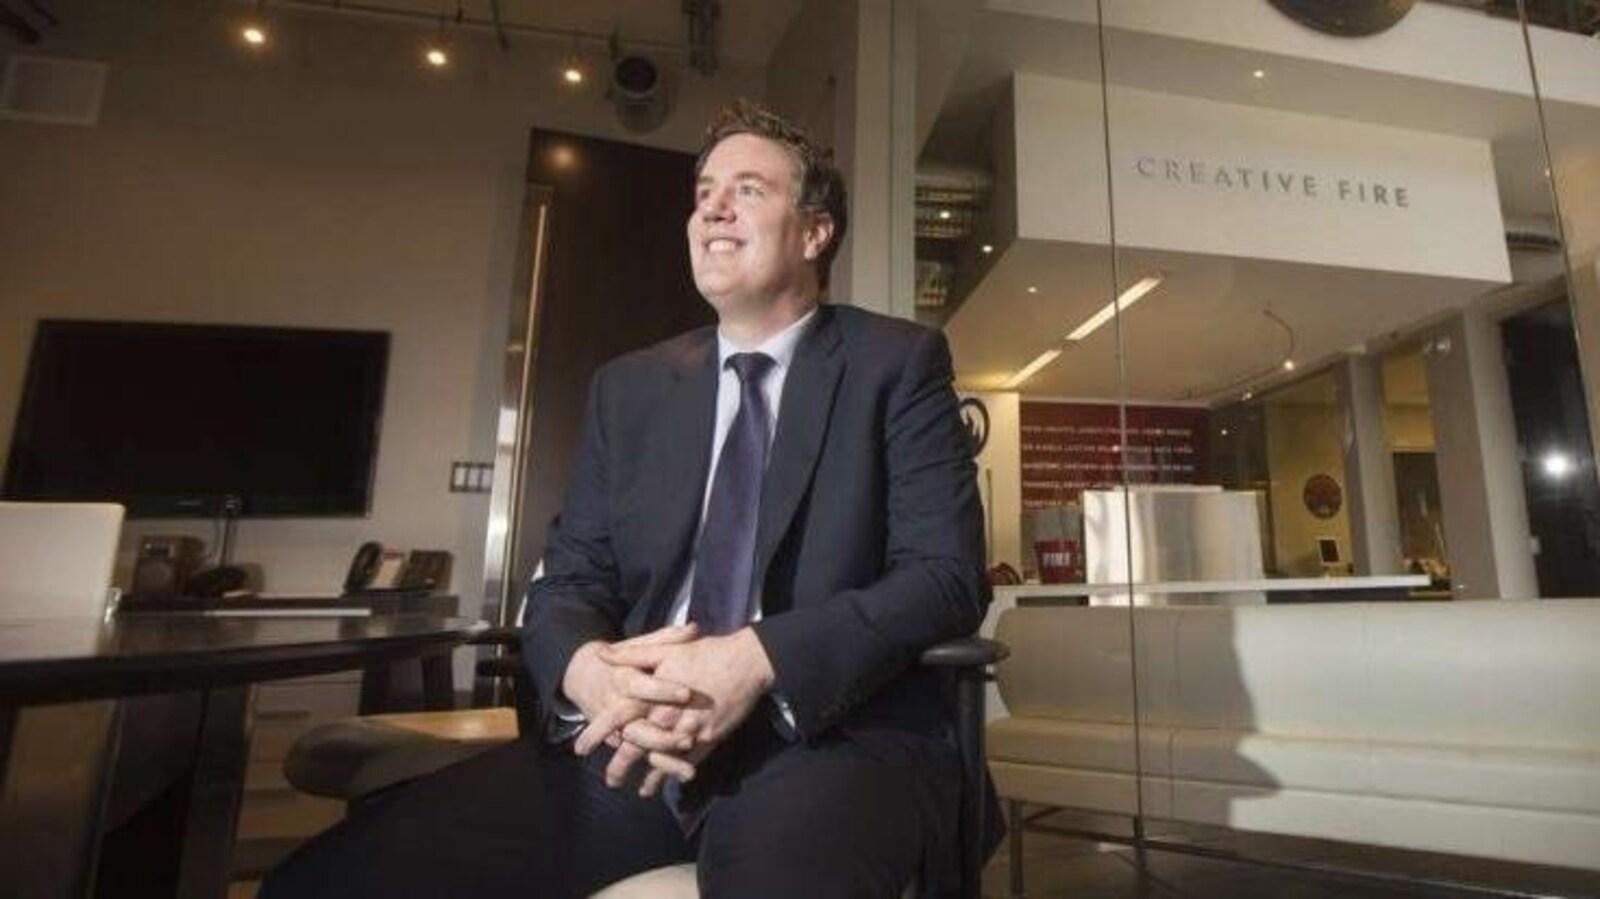 Un homme  photographié en contre-plongée, en costume cravate et assis dans un bureau au design moderne, sourit en regardant vers une lumière devant lui. Derrière lui se trouve une baie vitrée donnant sur l'intérieur des locaux de l'entreprise Creative Fire.